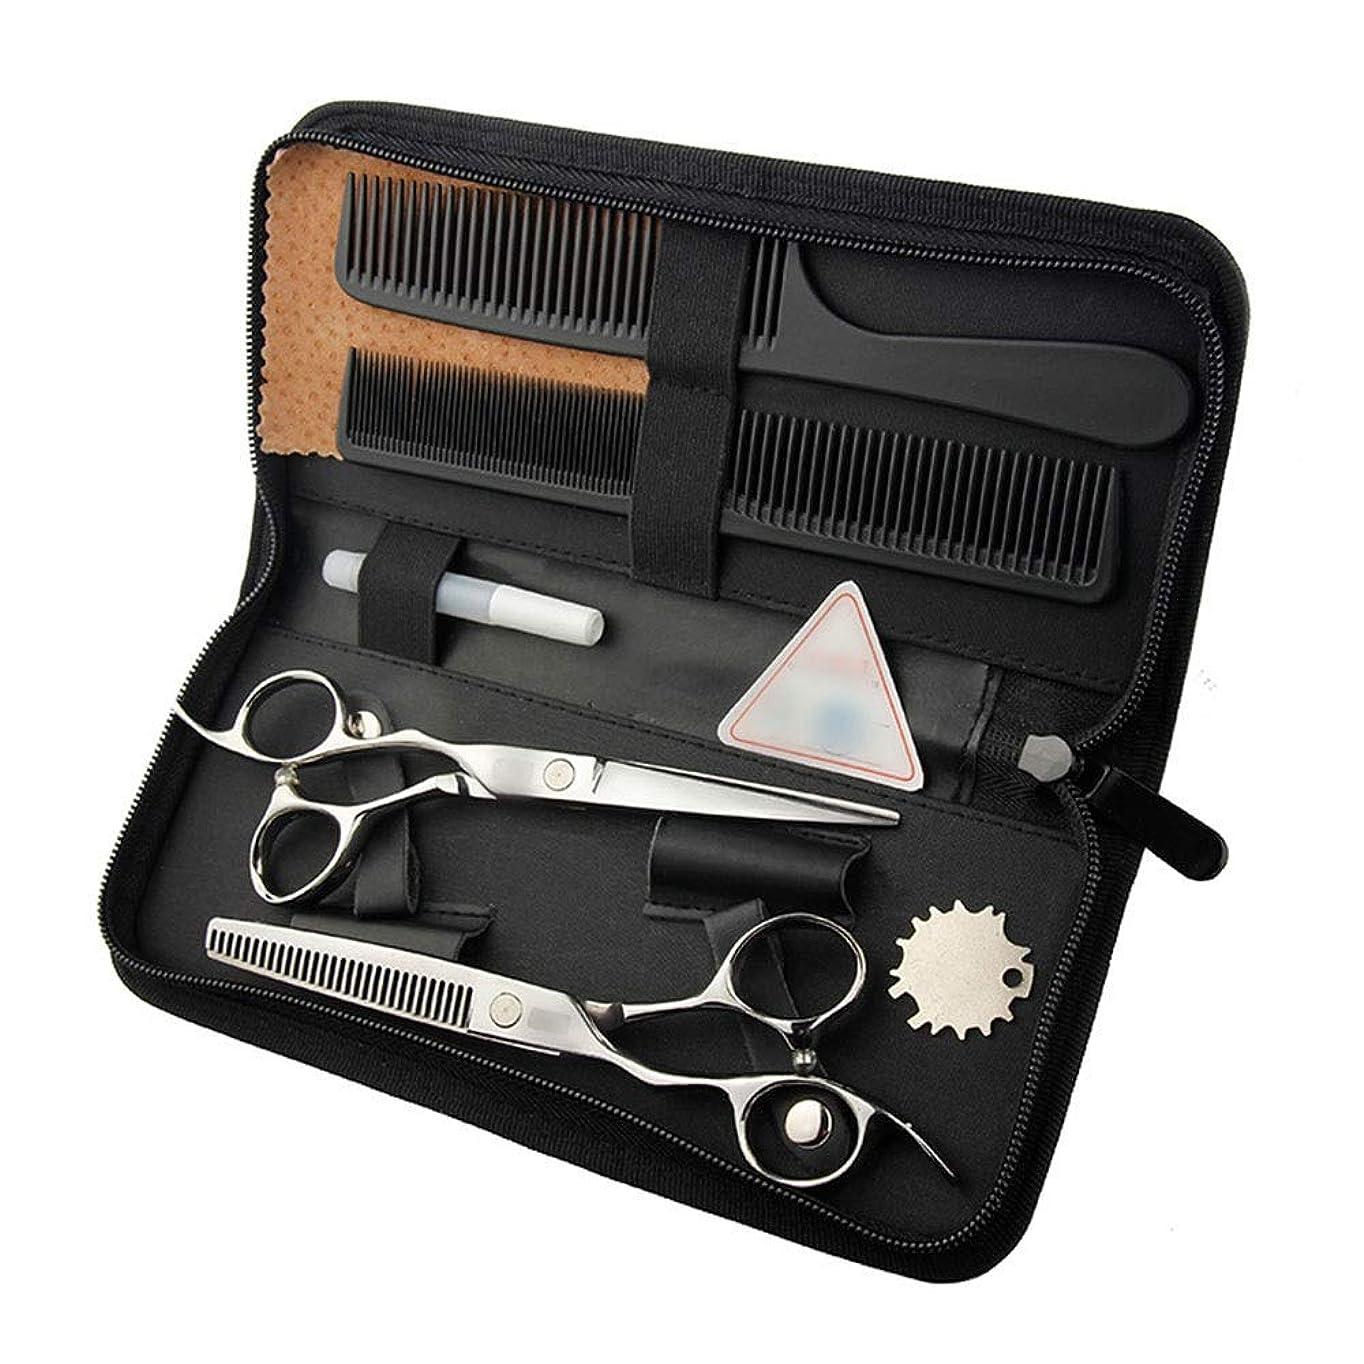 塊物理的な広まった6インチ美容院プロフェッショナル理髪セットフラットはさみ+歯せん断セット、美容院左手はさみセット モデリングツール (色 : Silver)